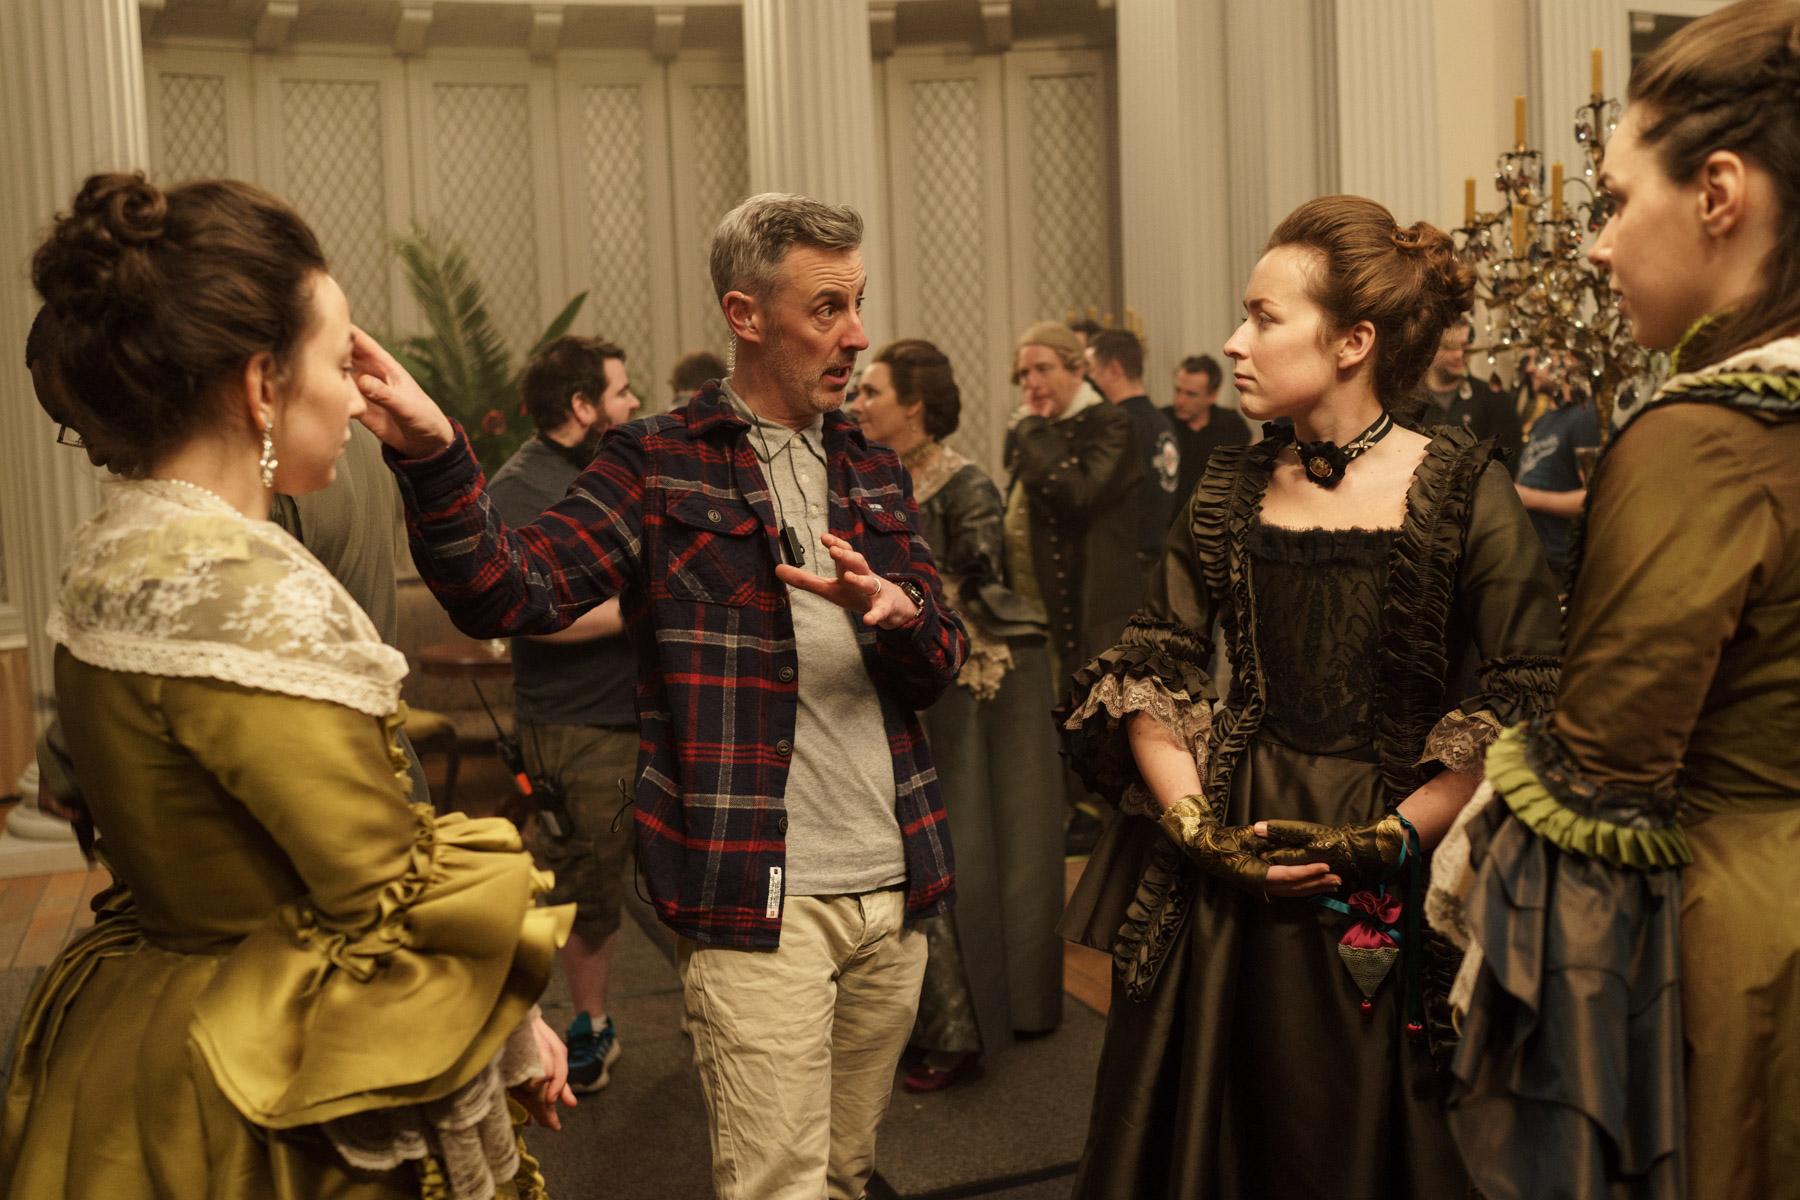 Outlander Season 3 - Behind the scenes on set